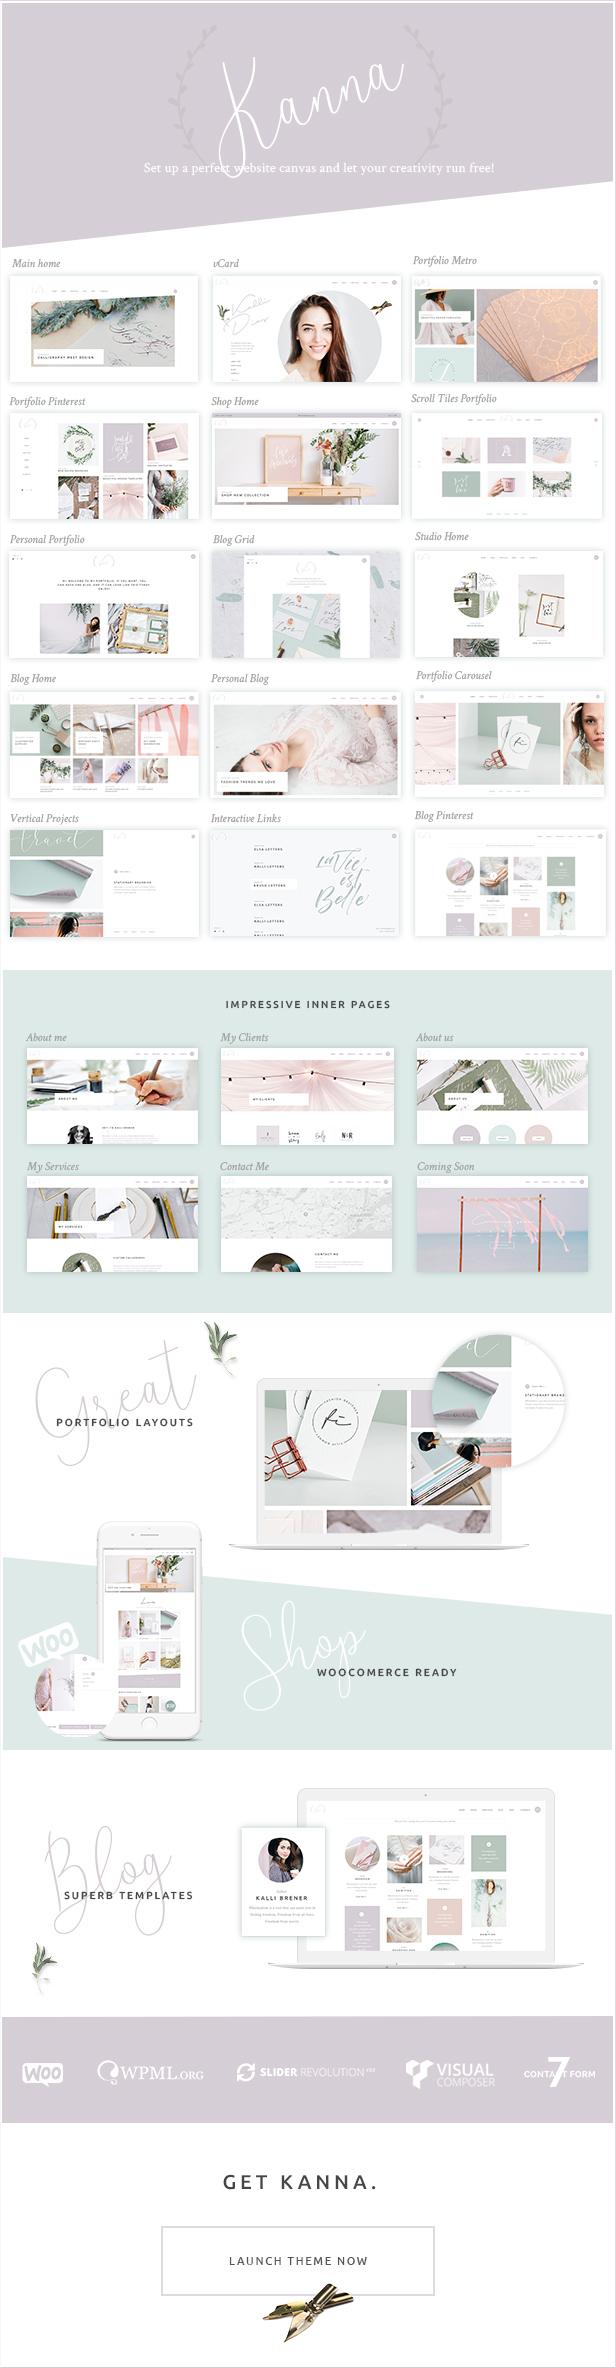 Kanna - Ein elegantes WordPress-Template mit vielen Konzepten - 1